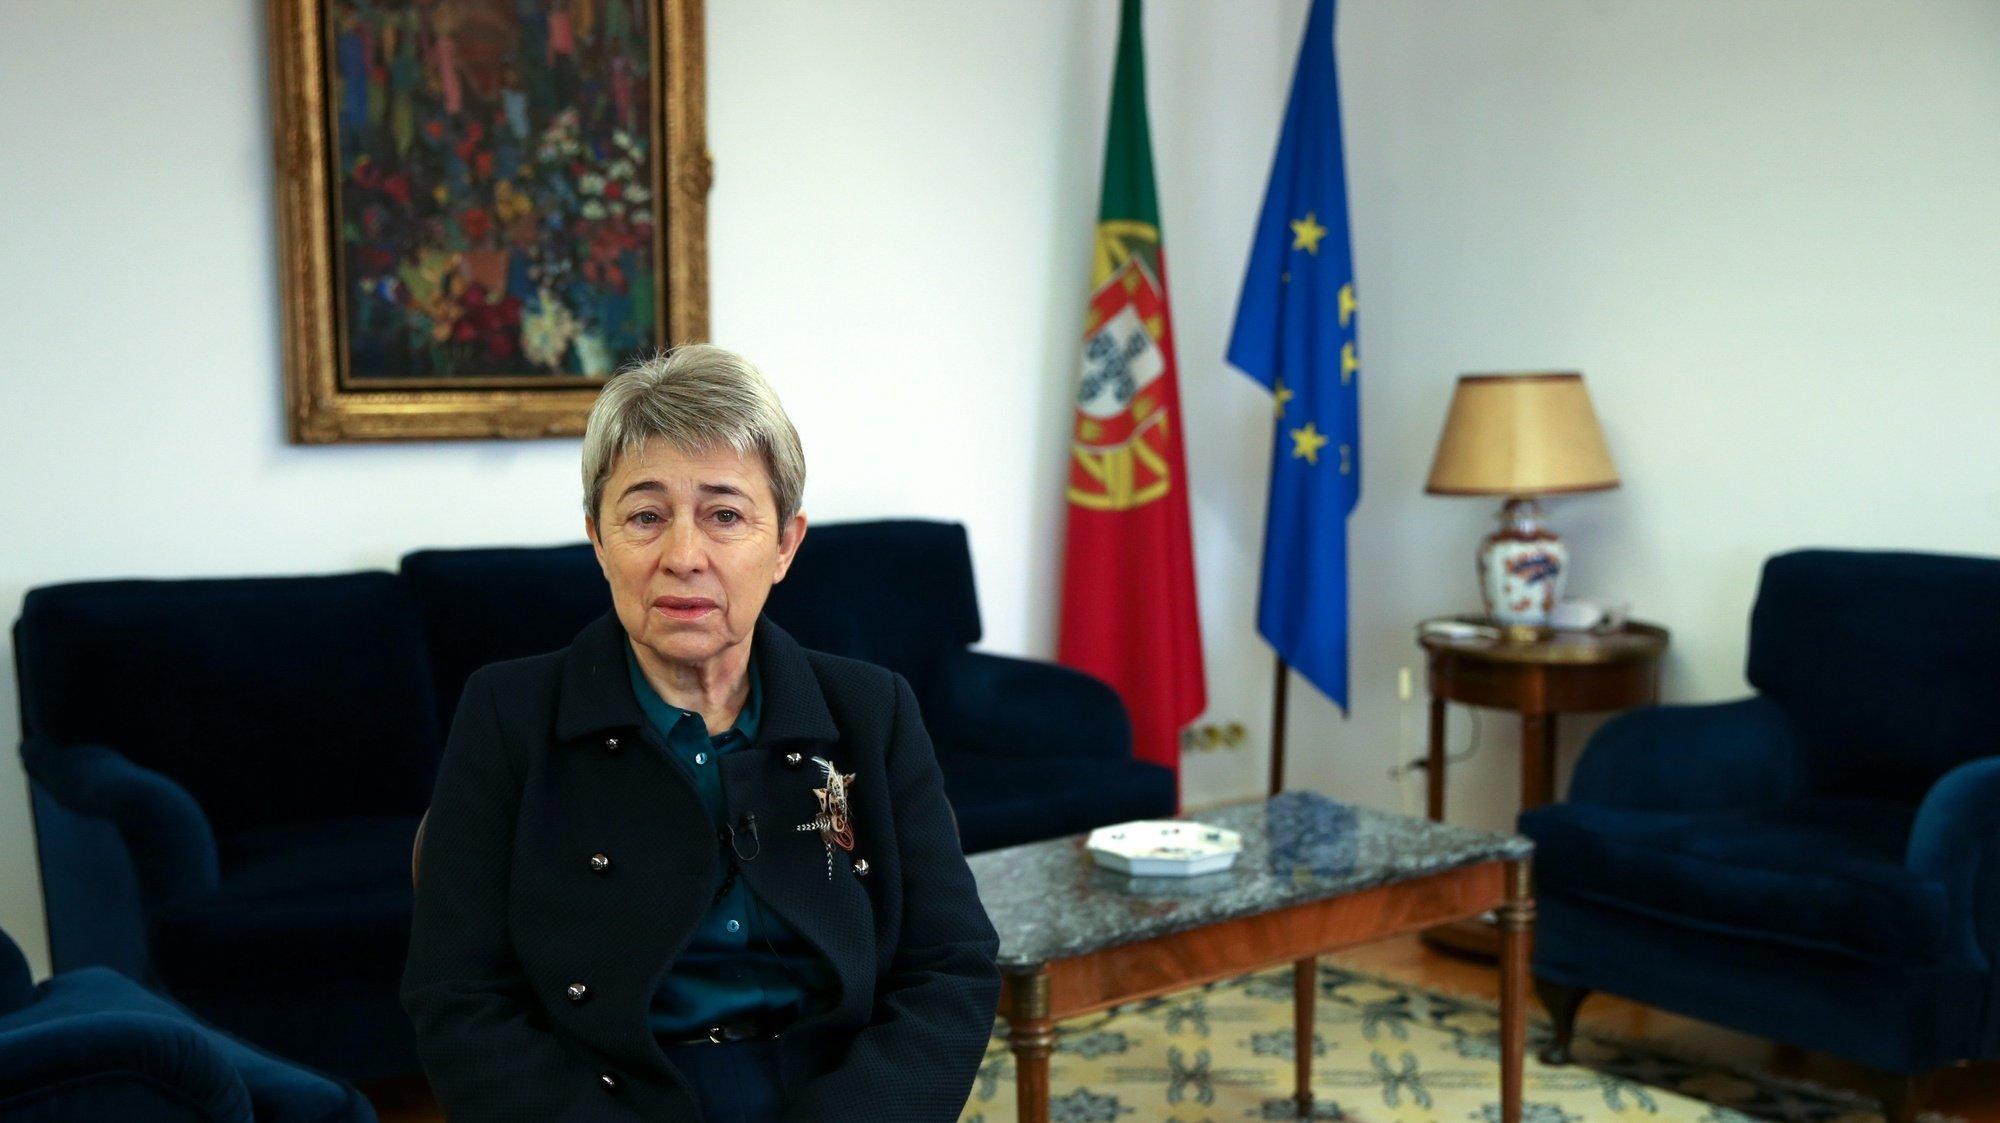 A secretária de Estado das Comunidades Portuguesas, Berta Nunes, durante a entrevista à Agência Lusa realizada no Ministério dos Negócios Estrangeiros, em Lisboa, 14 de dezembro de 2020. (ACOMPANHA TEXTO DE 16/12/2020)  MANUEL DE ALMEIDA/LUSA